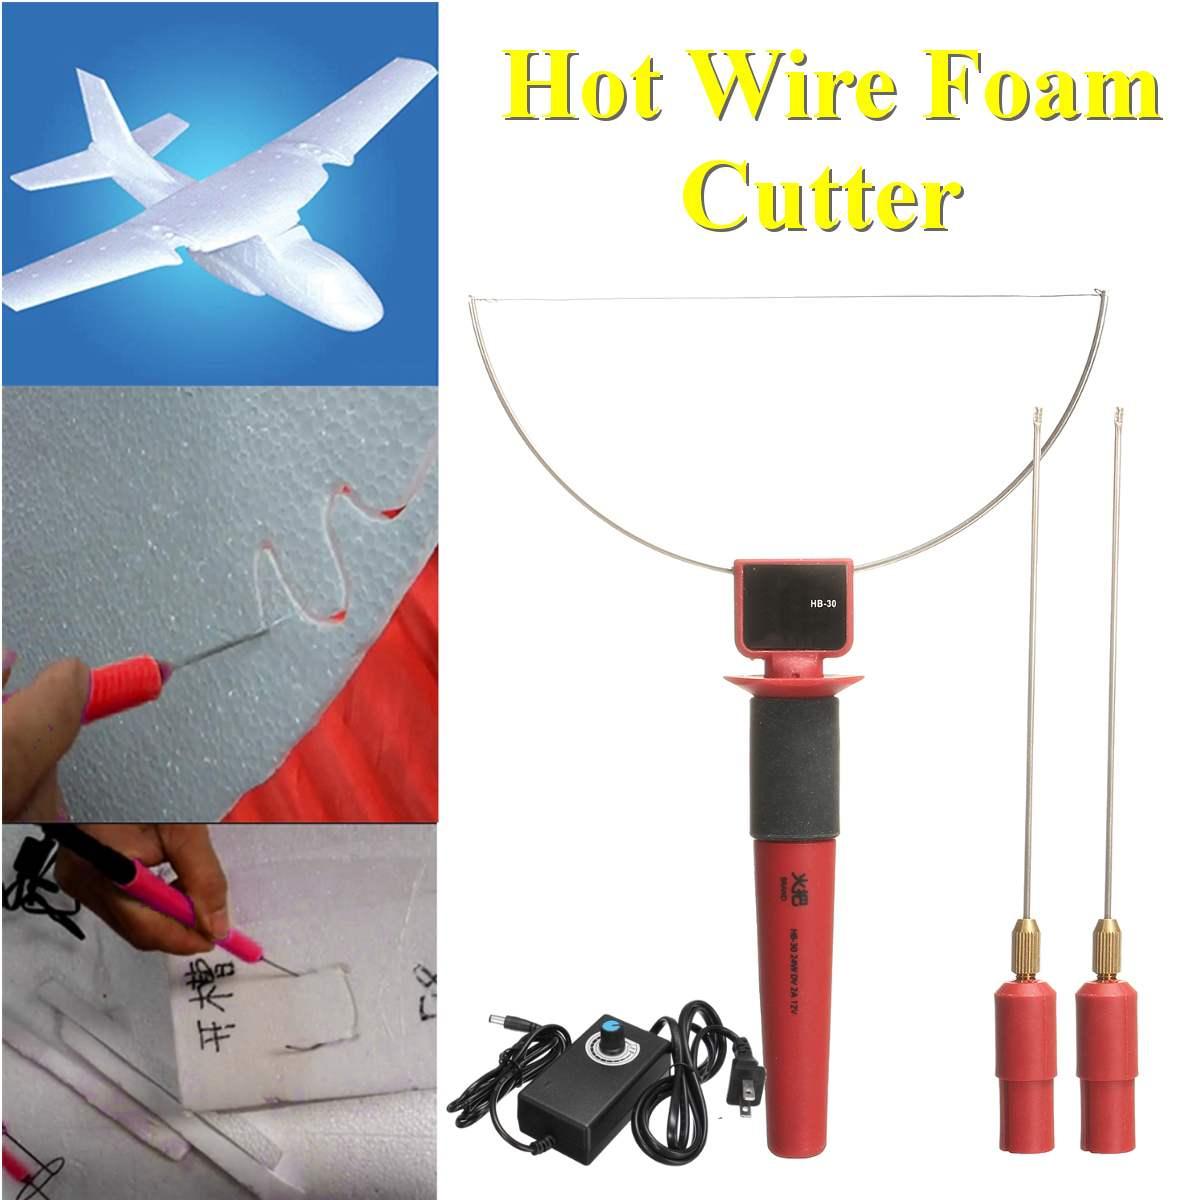 Hot Wire Foam Cutter…